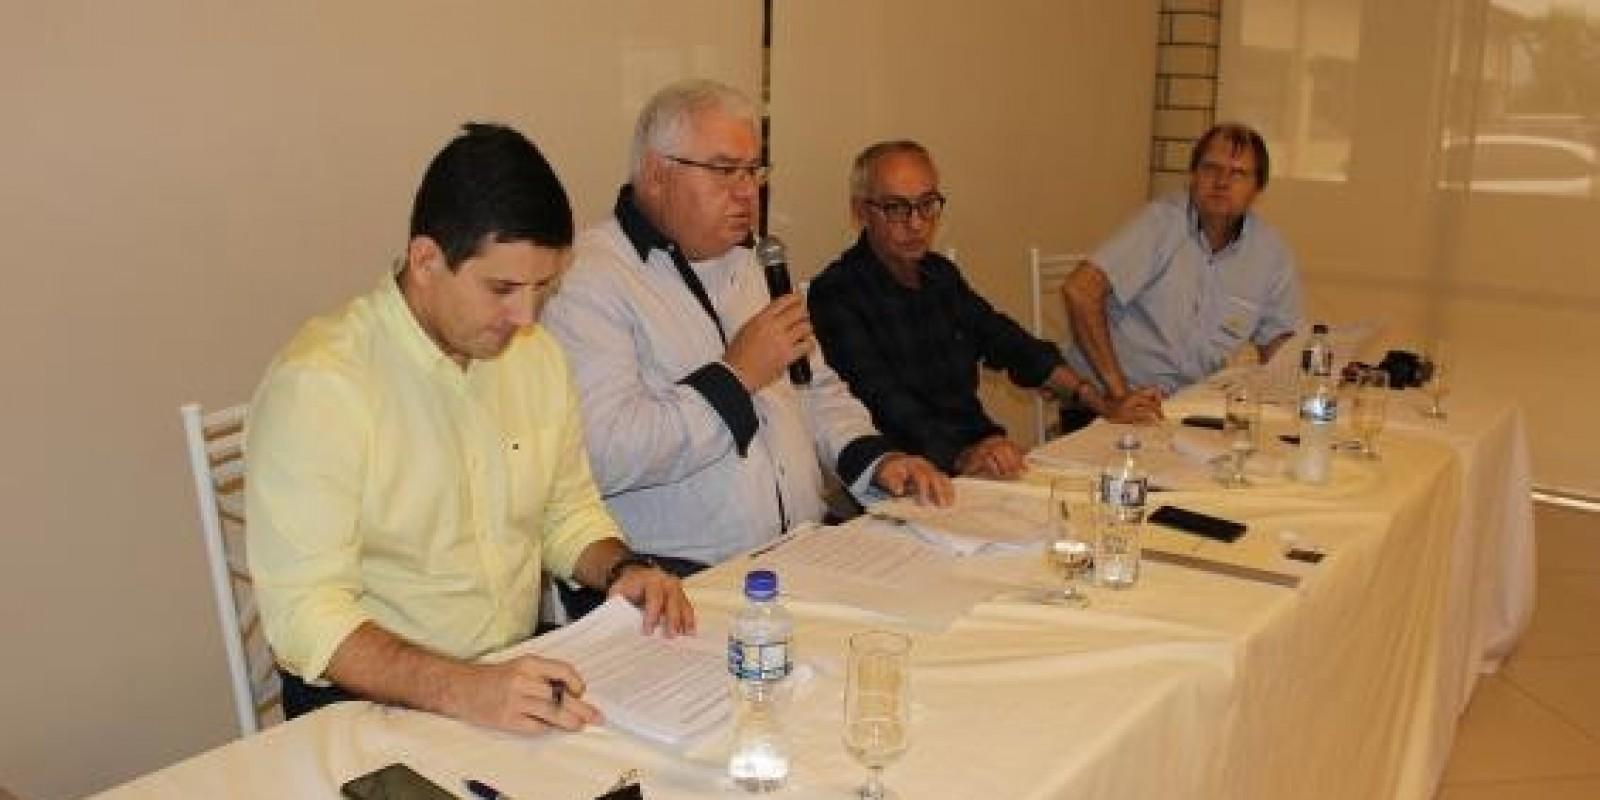 Reunião mensal da Fecoerusc é realizada na Cegero